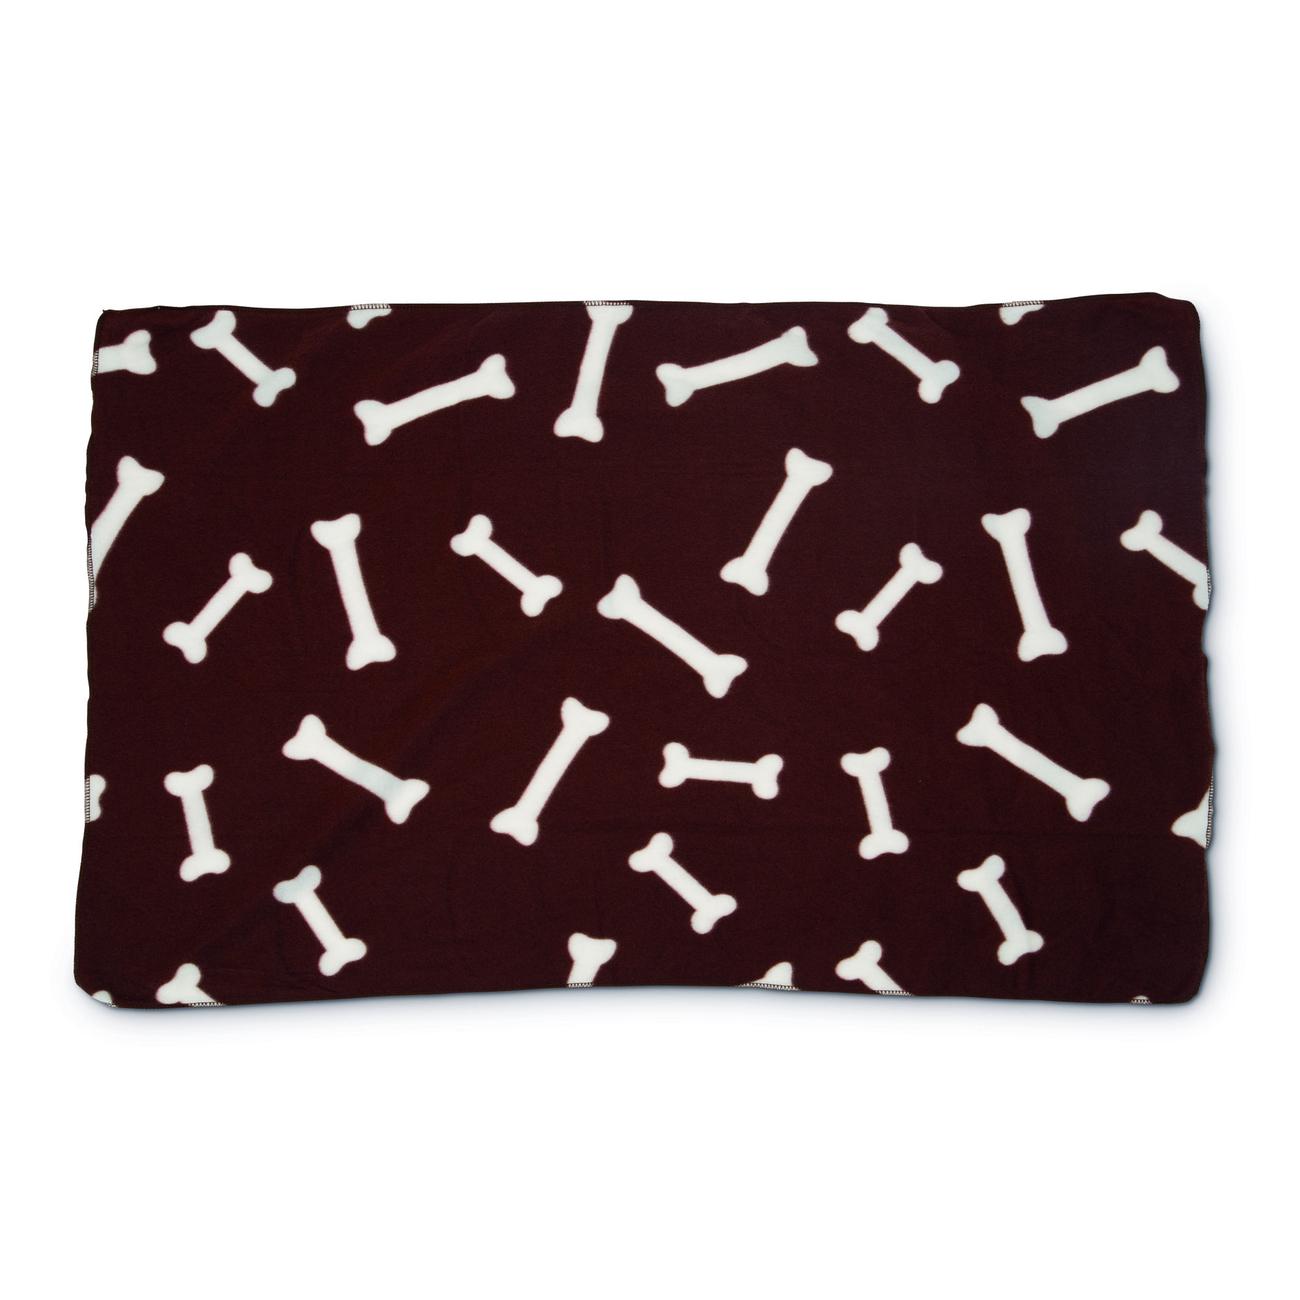 Beeztees Fleecedecke für Hunde Knochen, 100 x 70 cm, braun